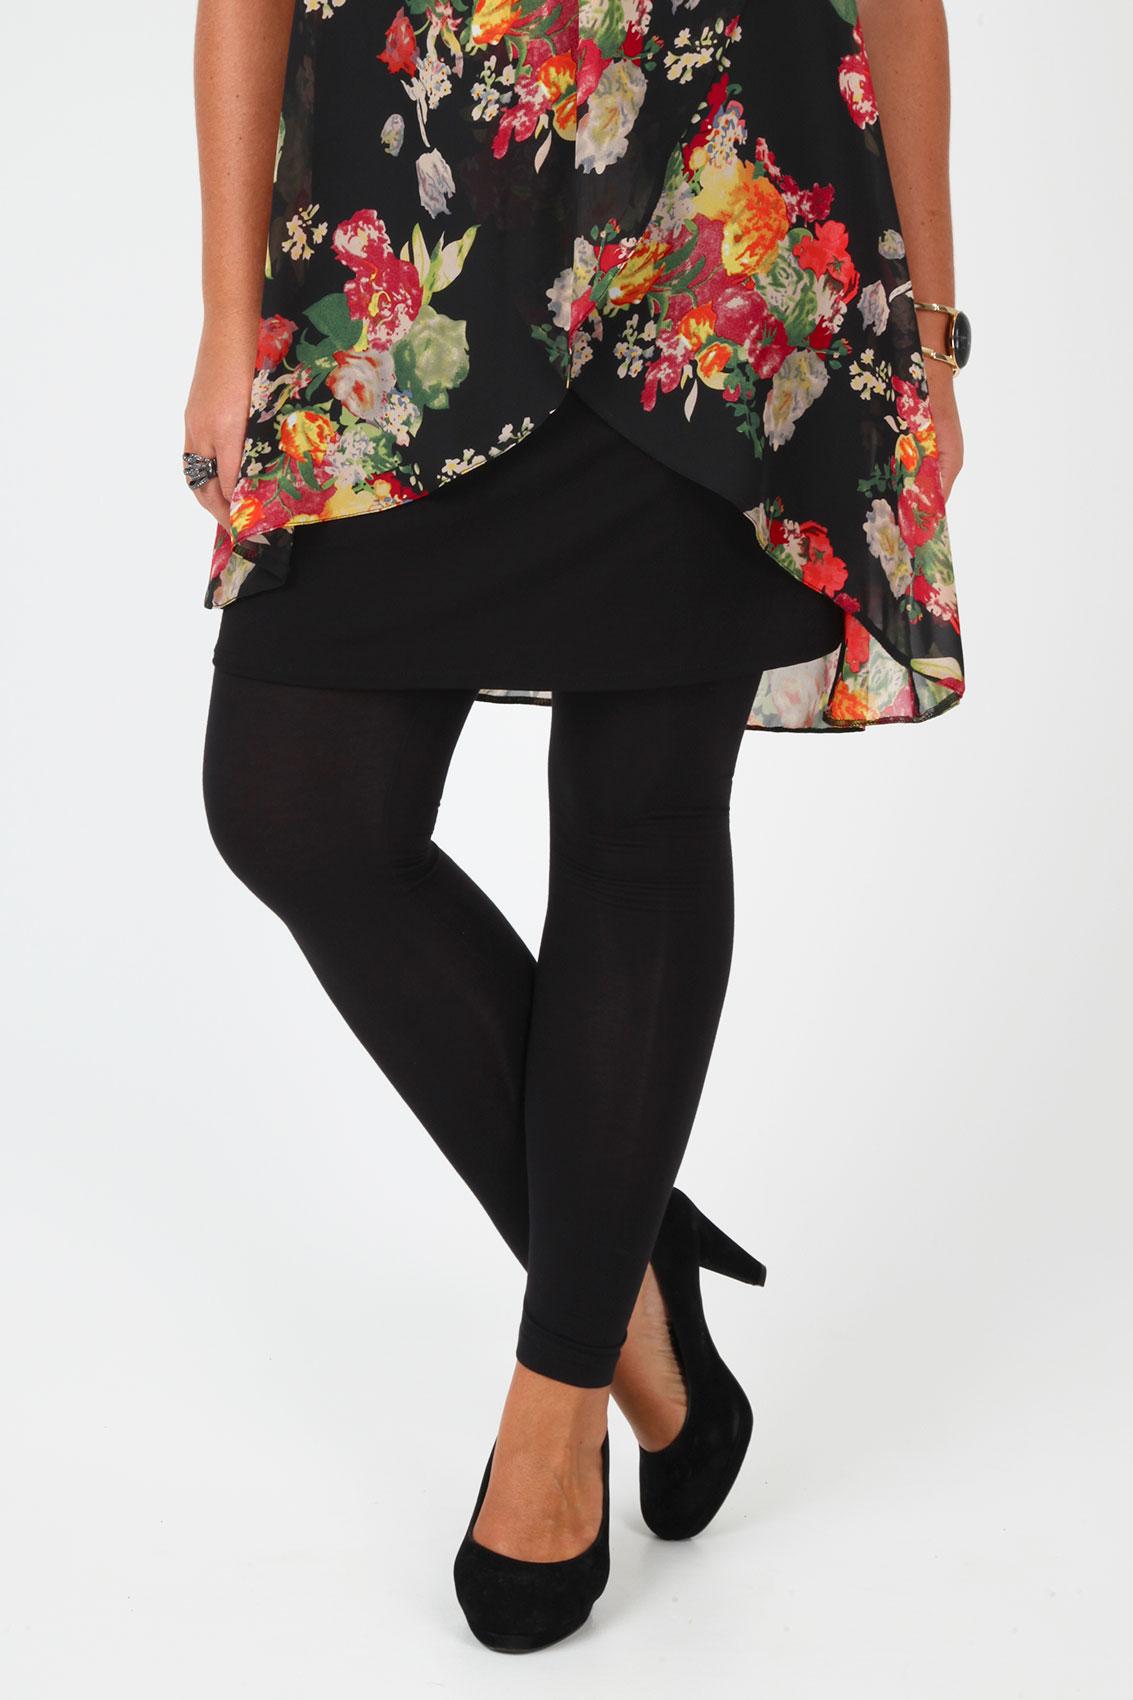 Black Viscose Elastane Full Length Leggings Plus Size 16 to 32